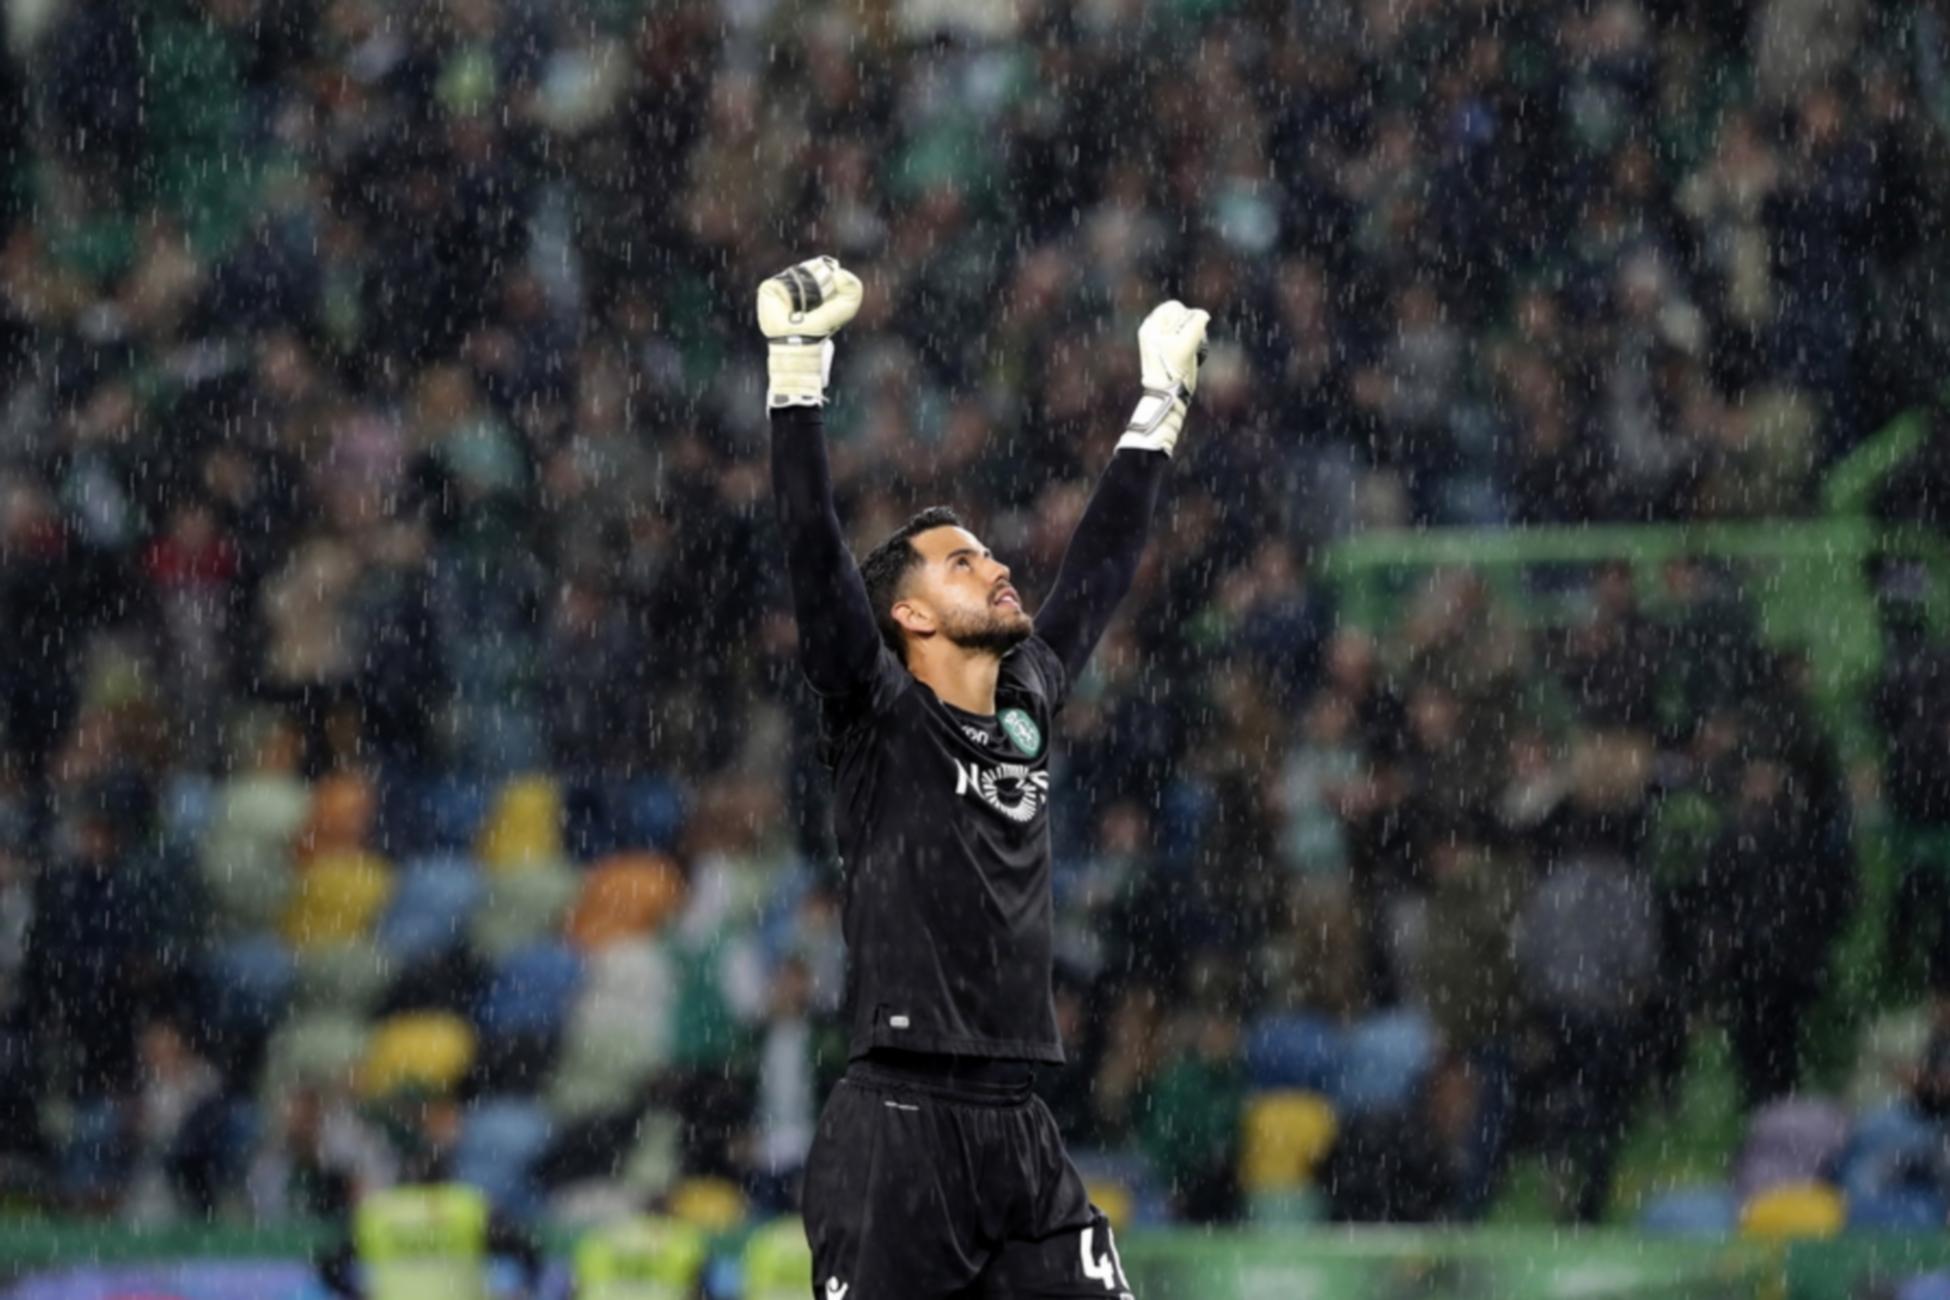 Για επαφές της ΑΕΚ με τη Σπόρτινγκ για τον Ριμπέιρο κάνουν λόγο οι Πορτογάλοι